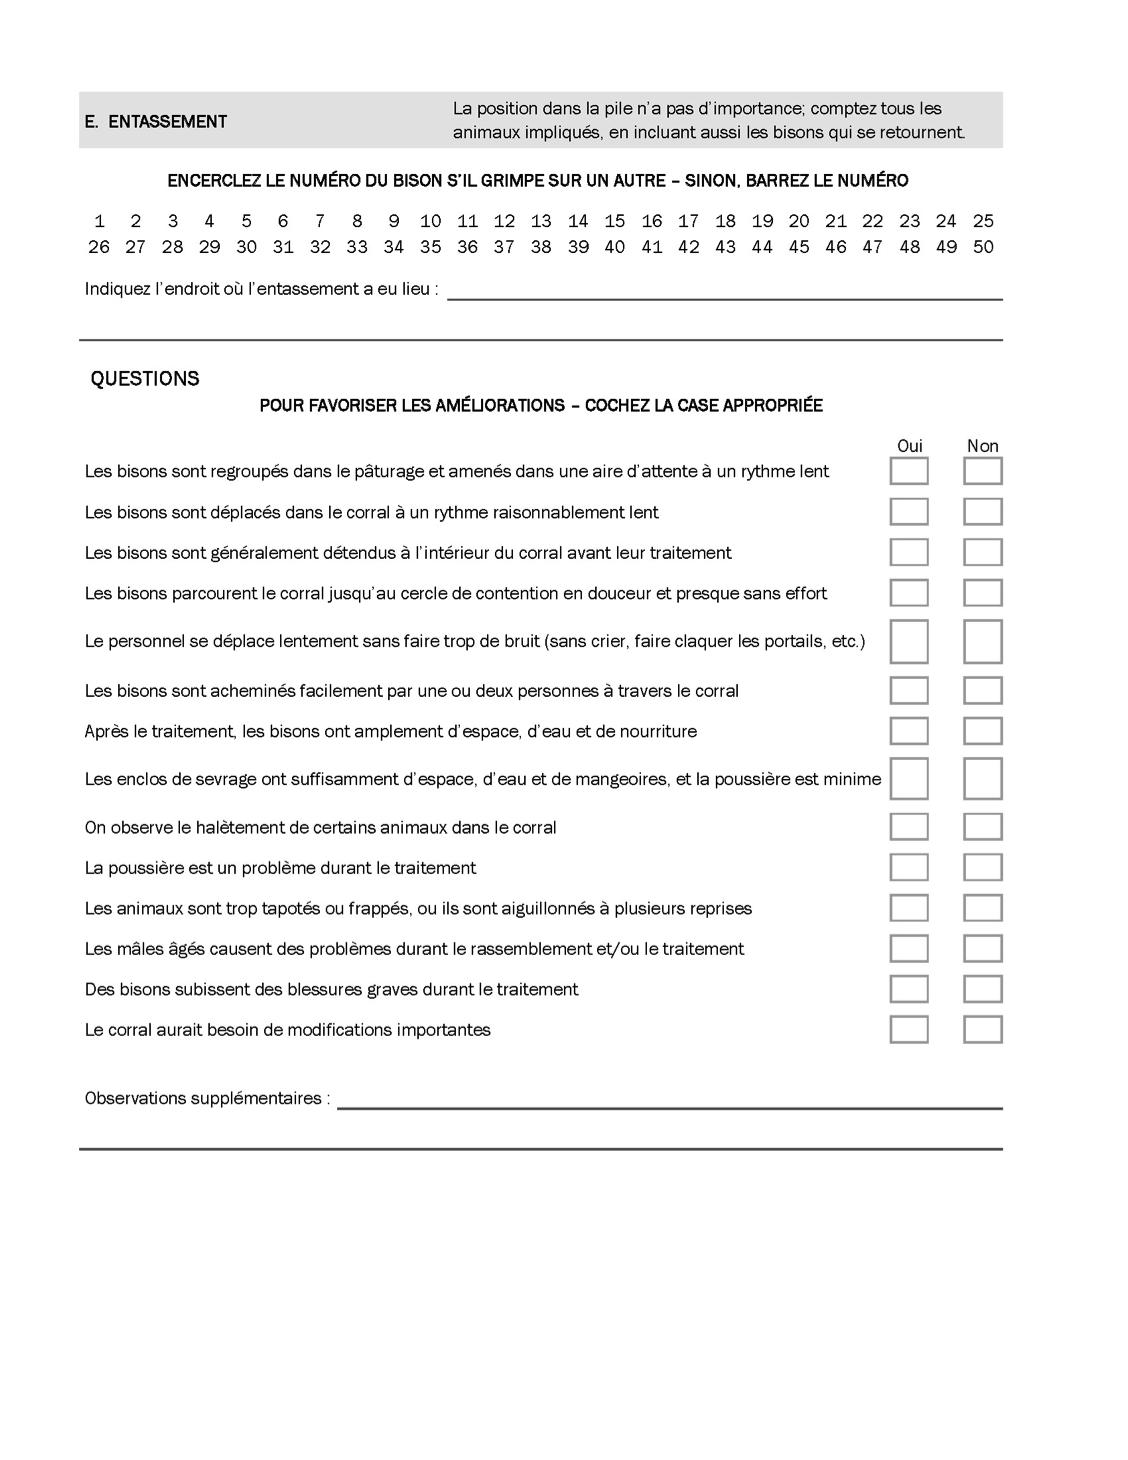 On trouvera dans les pages suivantes un Audit du bien-être des  bisons(77)qui peut servir à mesurer plusieurs aspects du travail avec les  bisons dans le ... 1c09de16a583